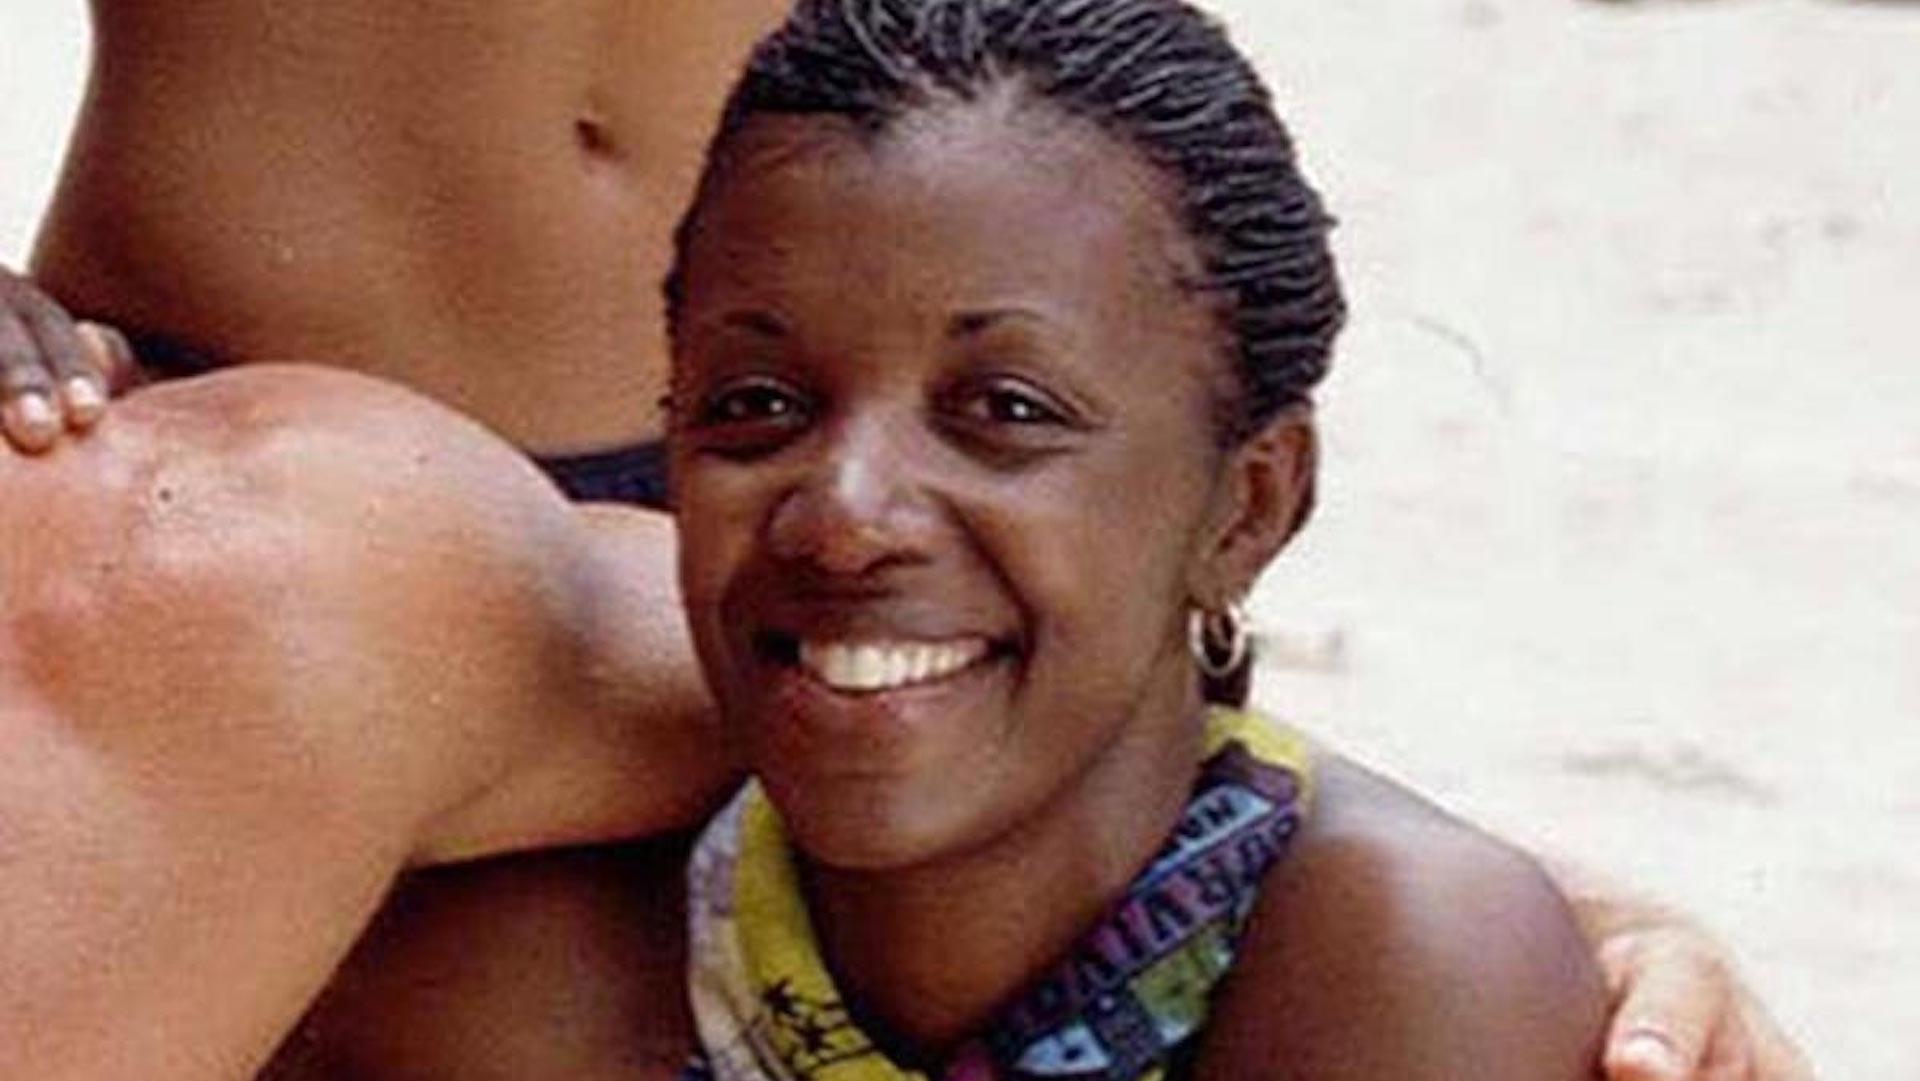 Vecepia Towery wins Survivor: Marquesas